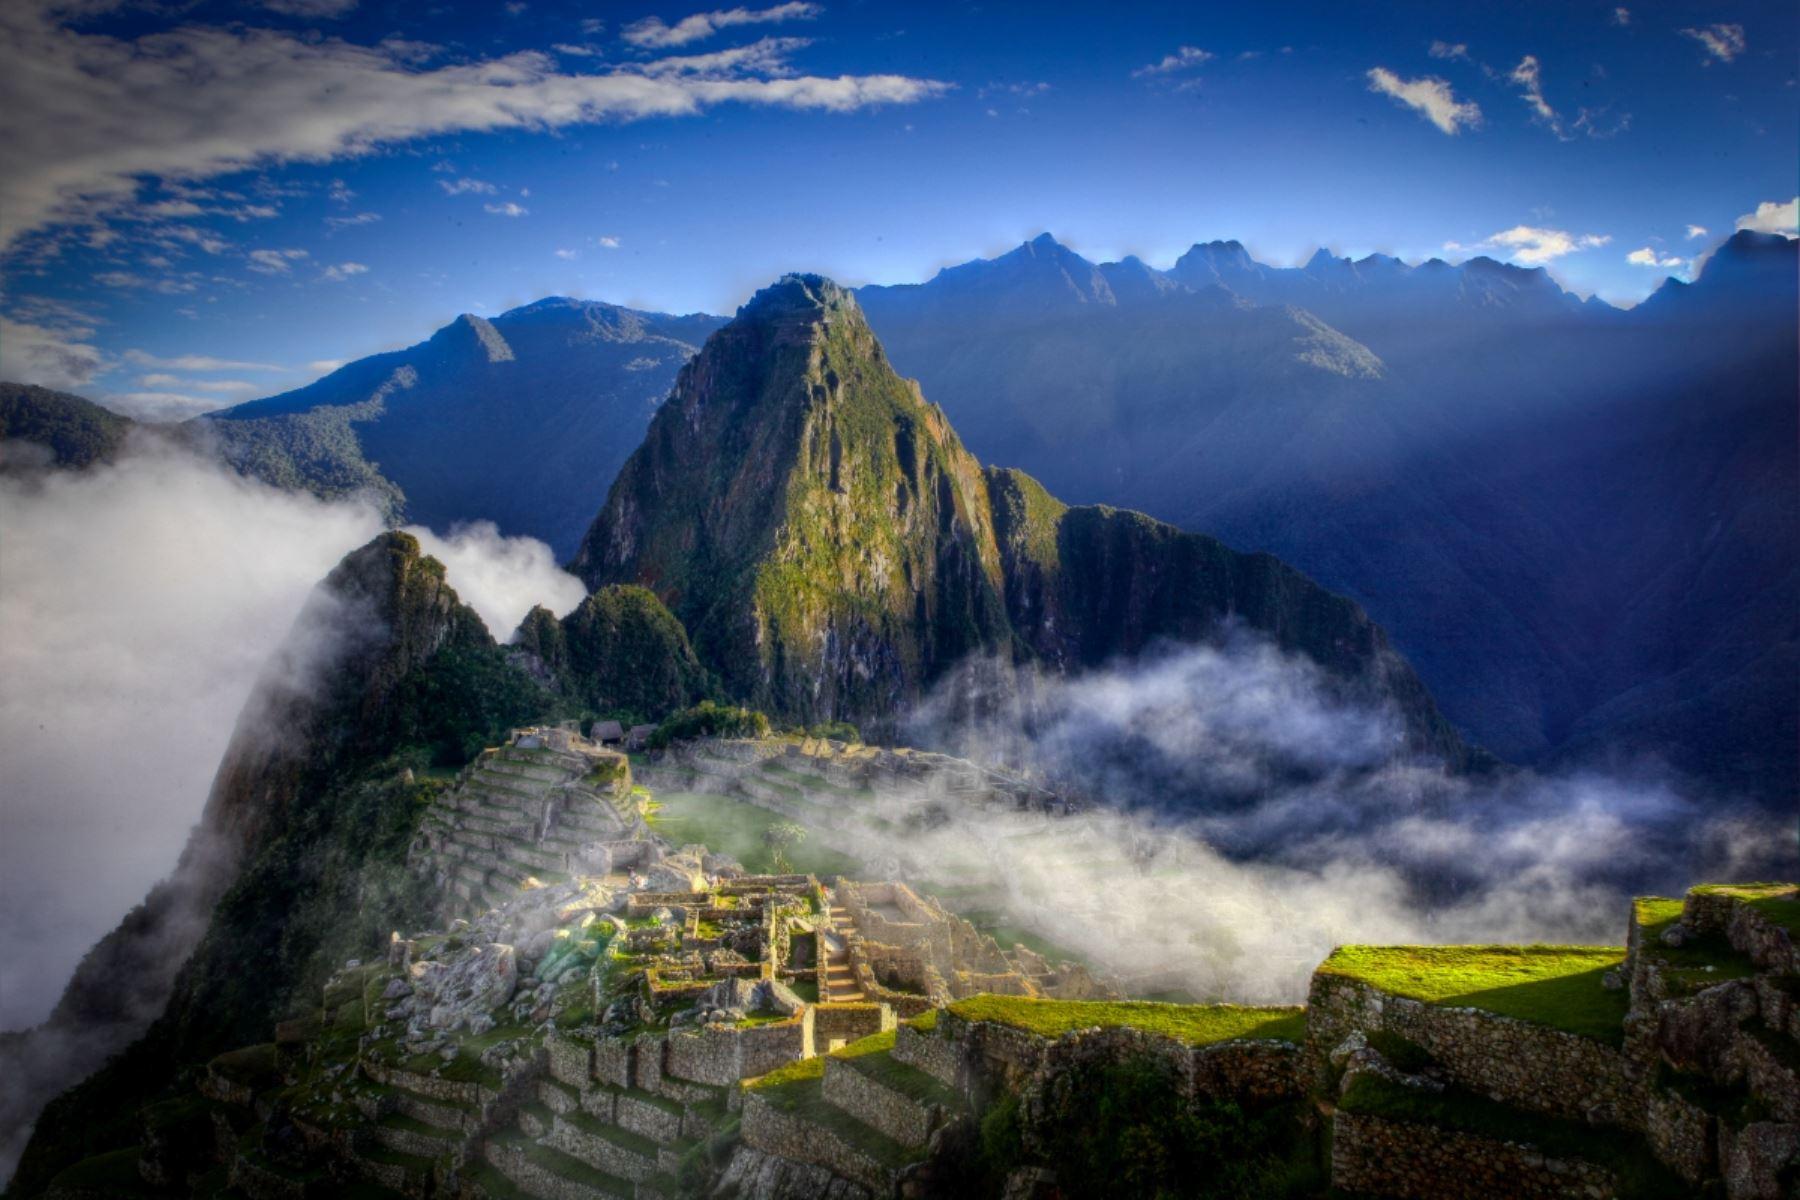 En cerca de 30 % crecieron las búsquedas de Machu Picchu en la plataforma de viajes Kayak a partir de que se confirmara que el Estado peruano es el propietario de la maravilla. Foto: ANDINA/Difusión